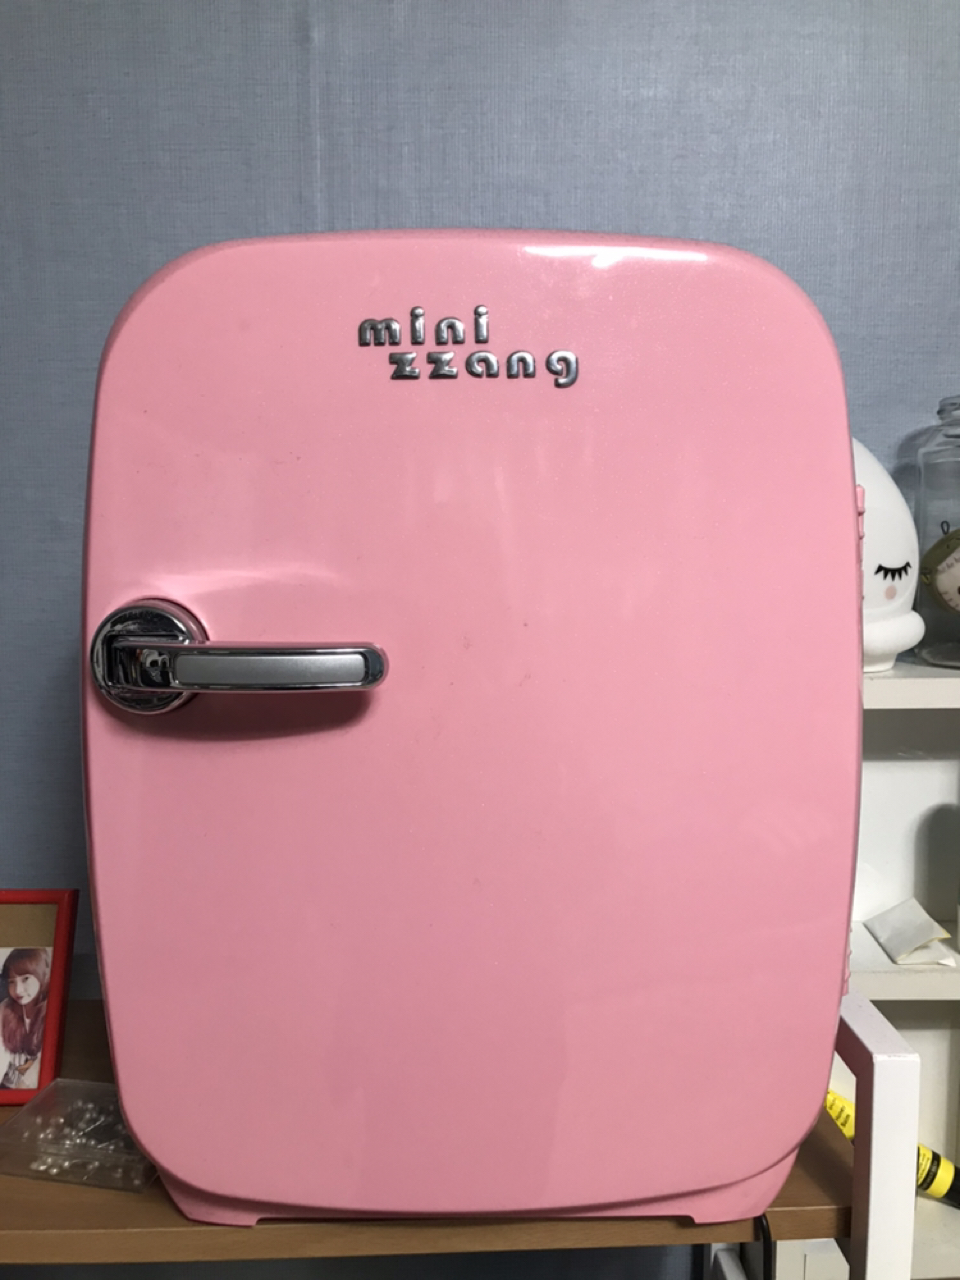 미니 온 냉장고